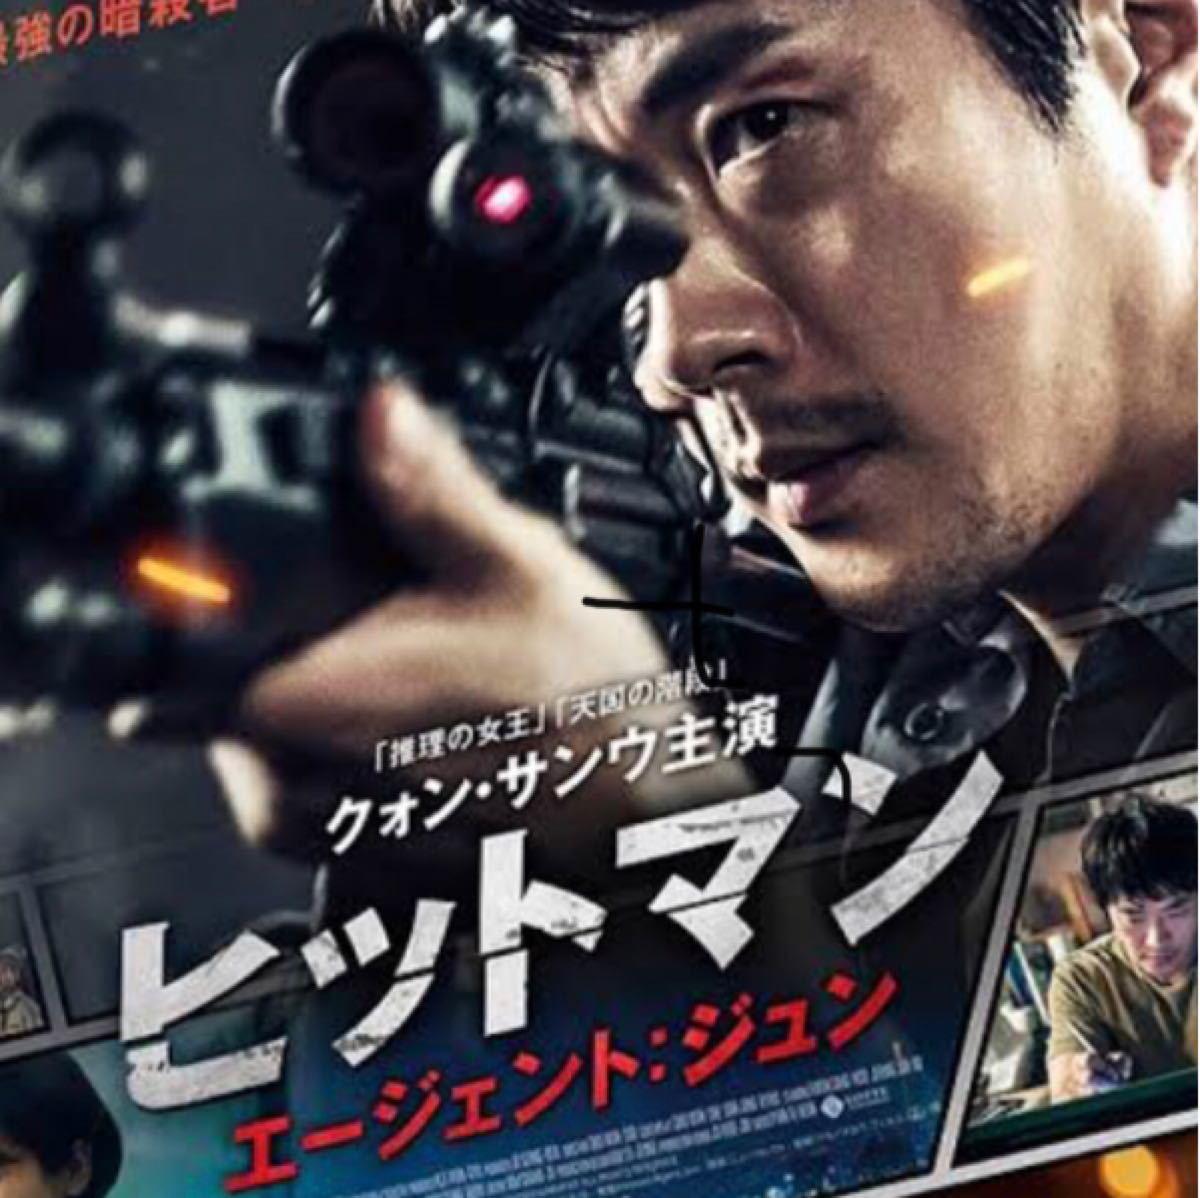 韓国映画  ヒットマン エージェント・ジュン  クォン・サンウ  DVD  日本語吹替有り  レーベル有り